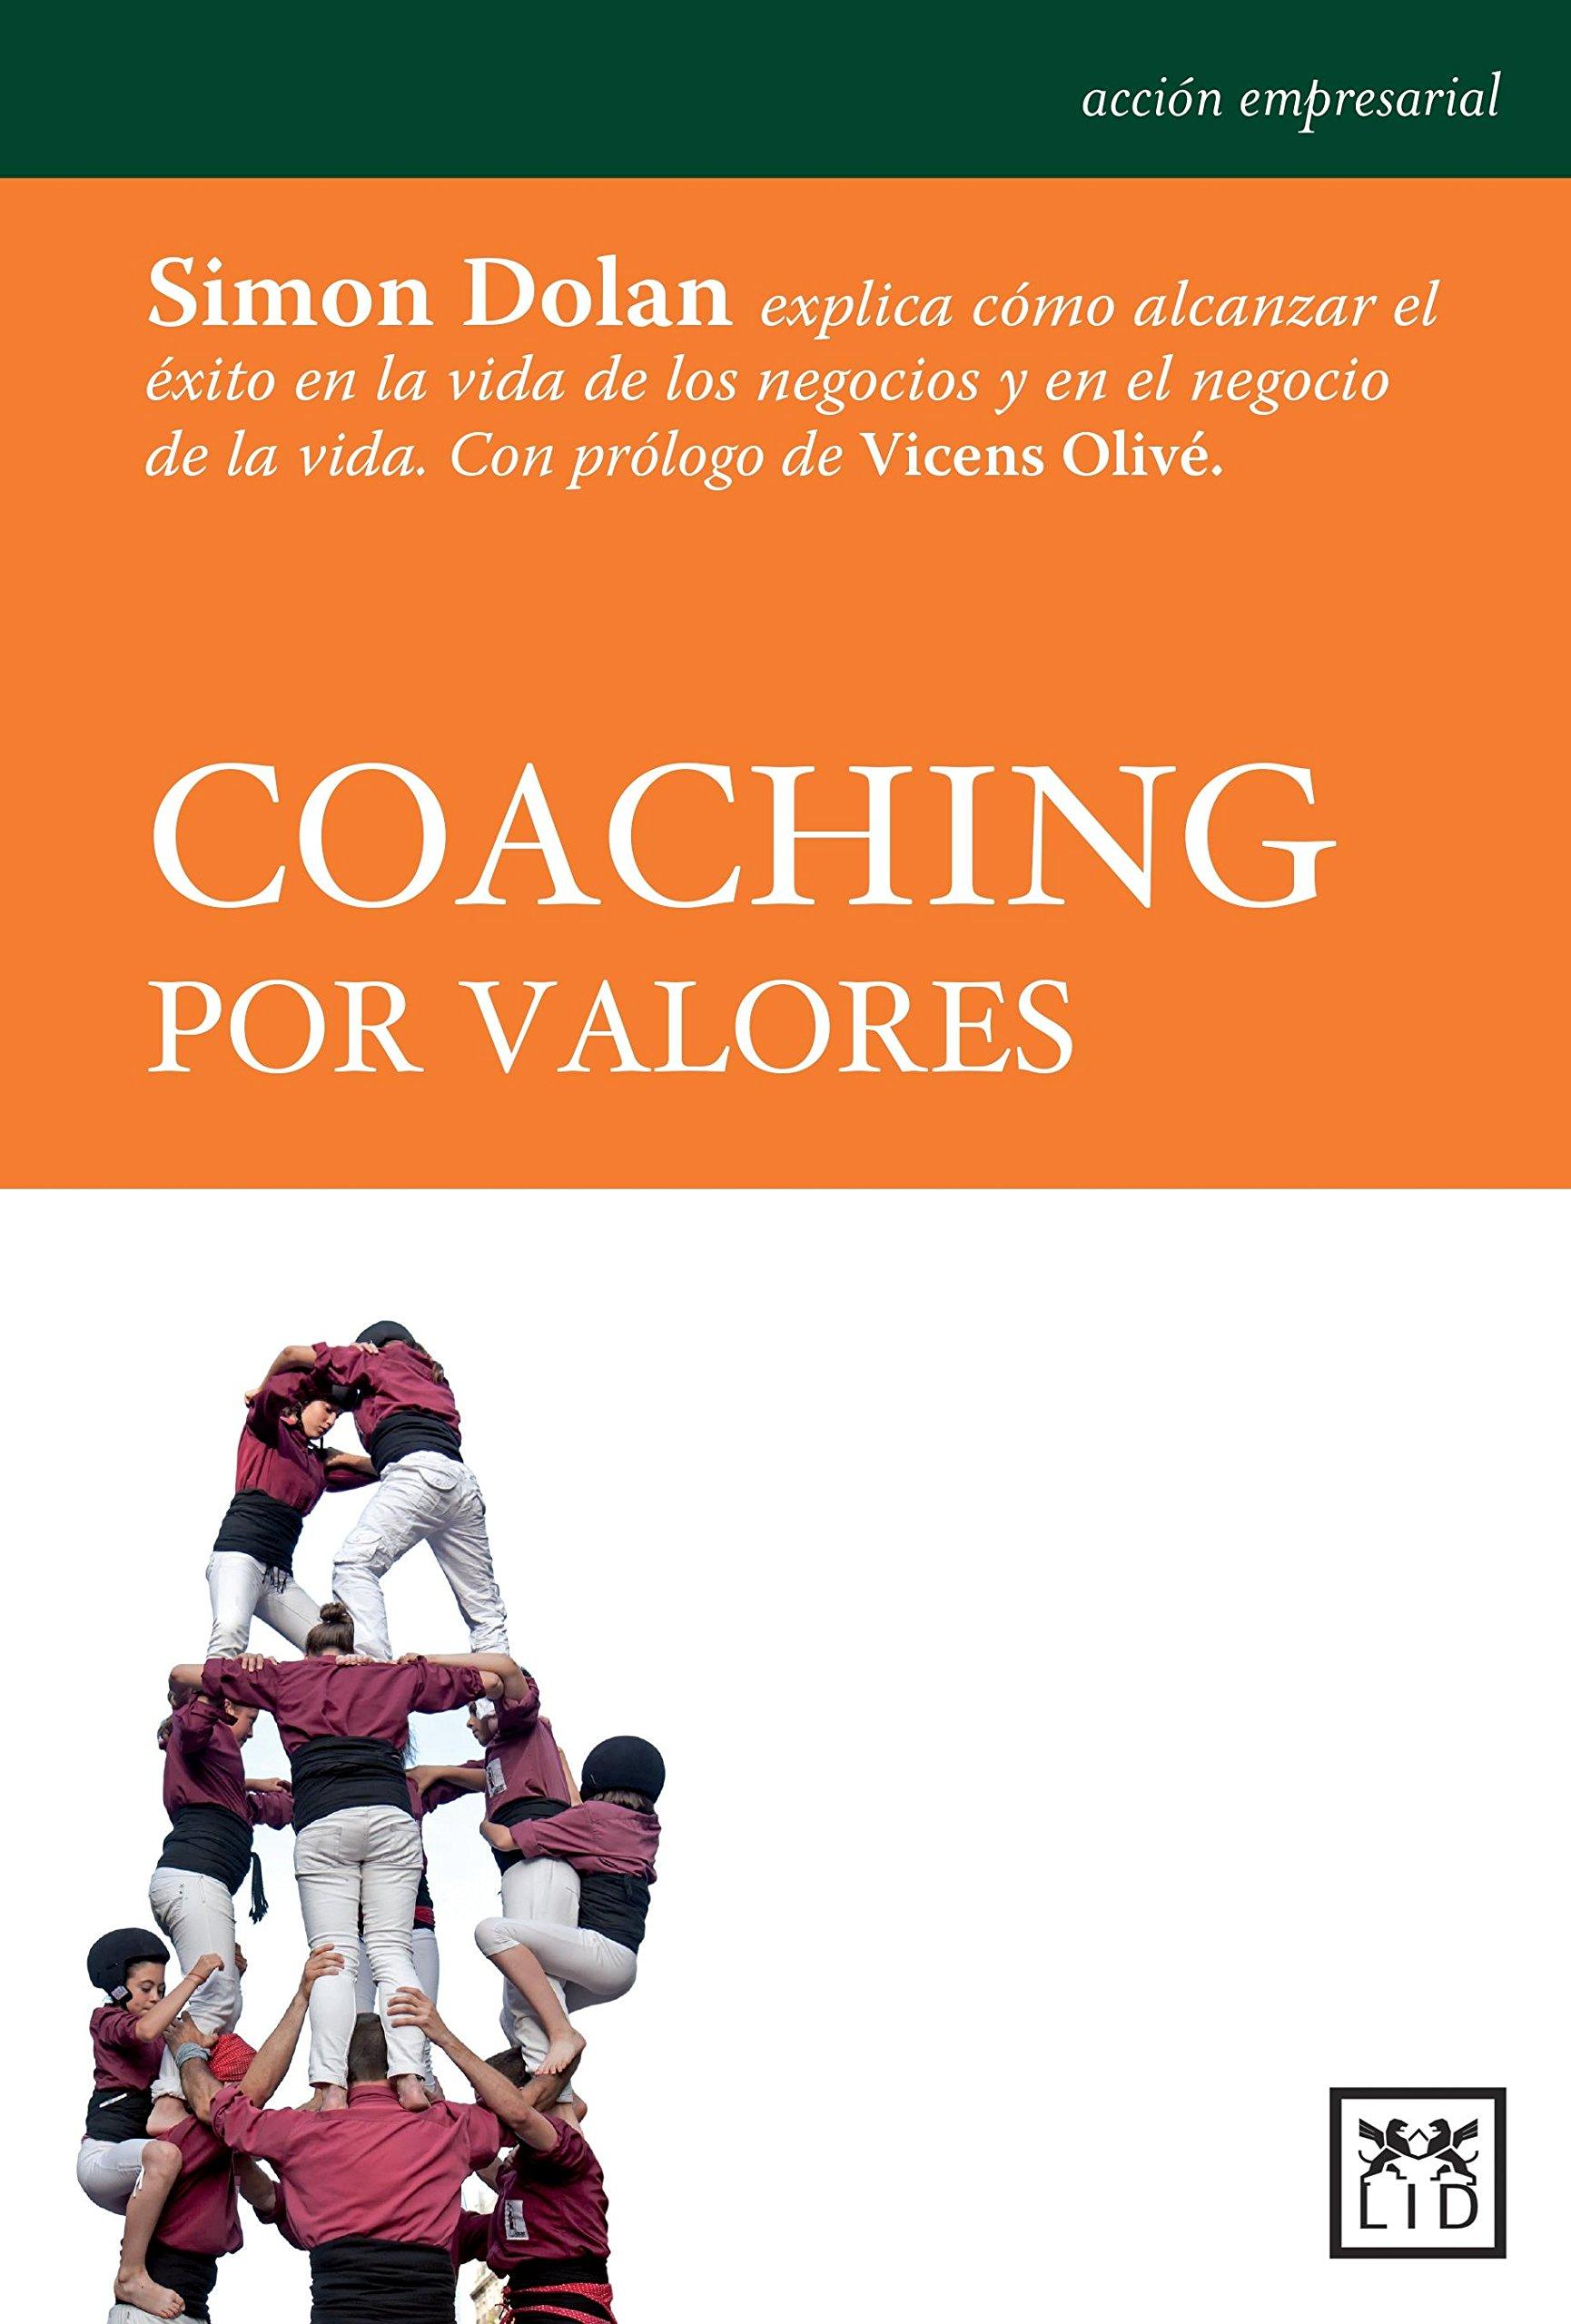 Coaching Por Valores (Acción empresarial): Amazon.es: Simon Dolan, Vicens Olivé: Libros